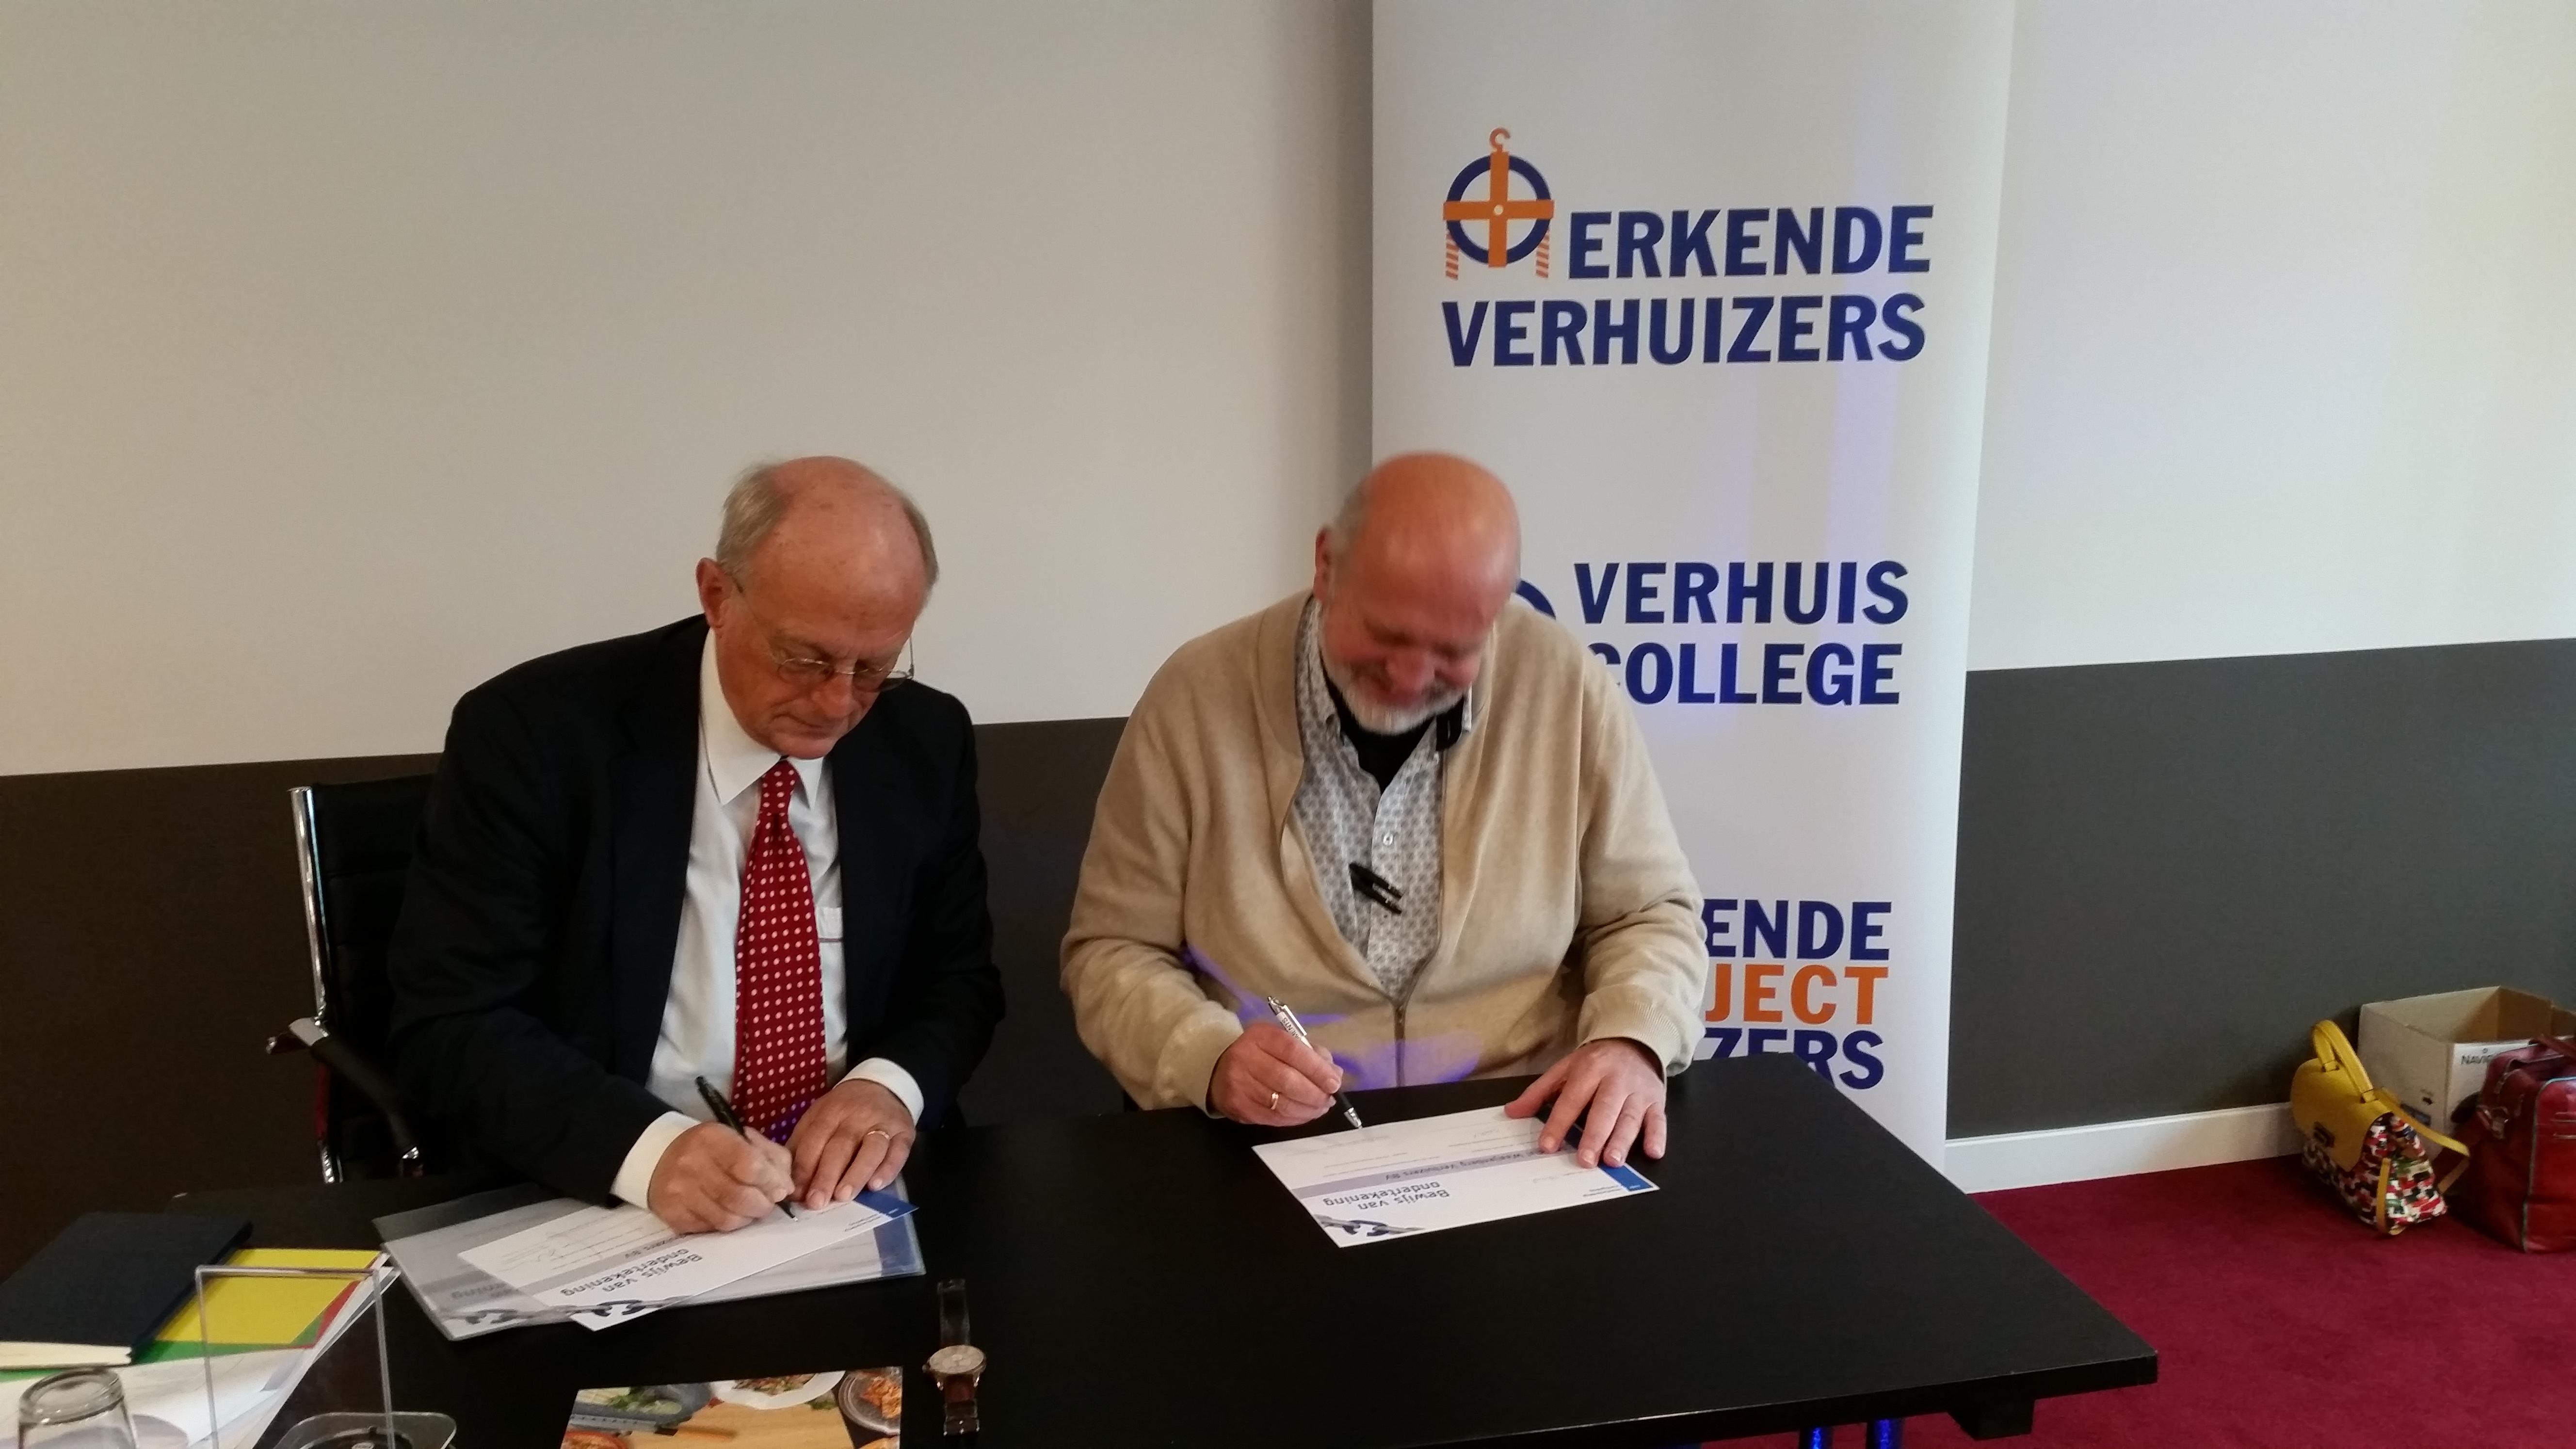 Mondial Waaijenberg Verhuizers ondertekent brede Code Verantwoordelijk Marktgedrag